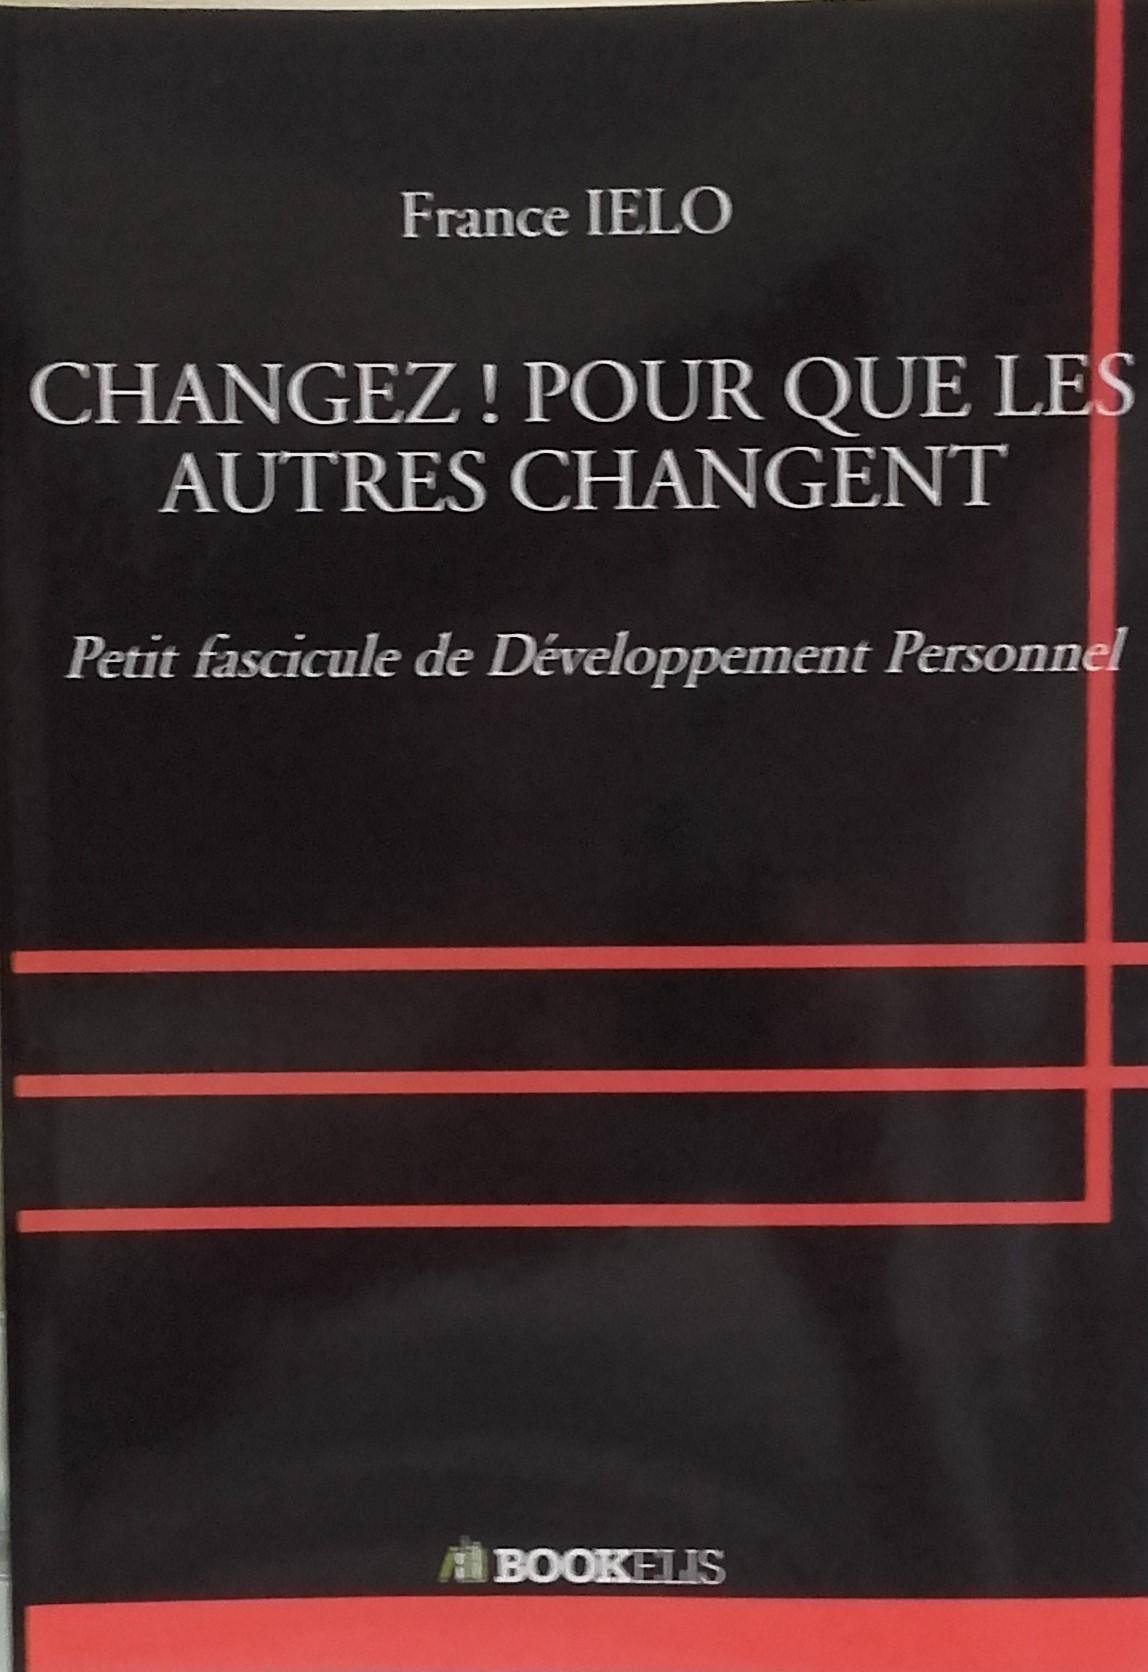 Copie ouvrage 4